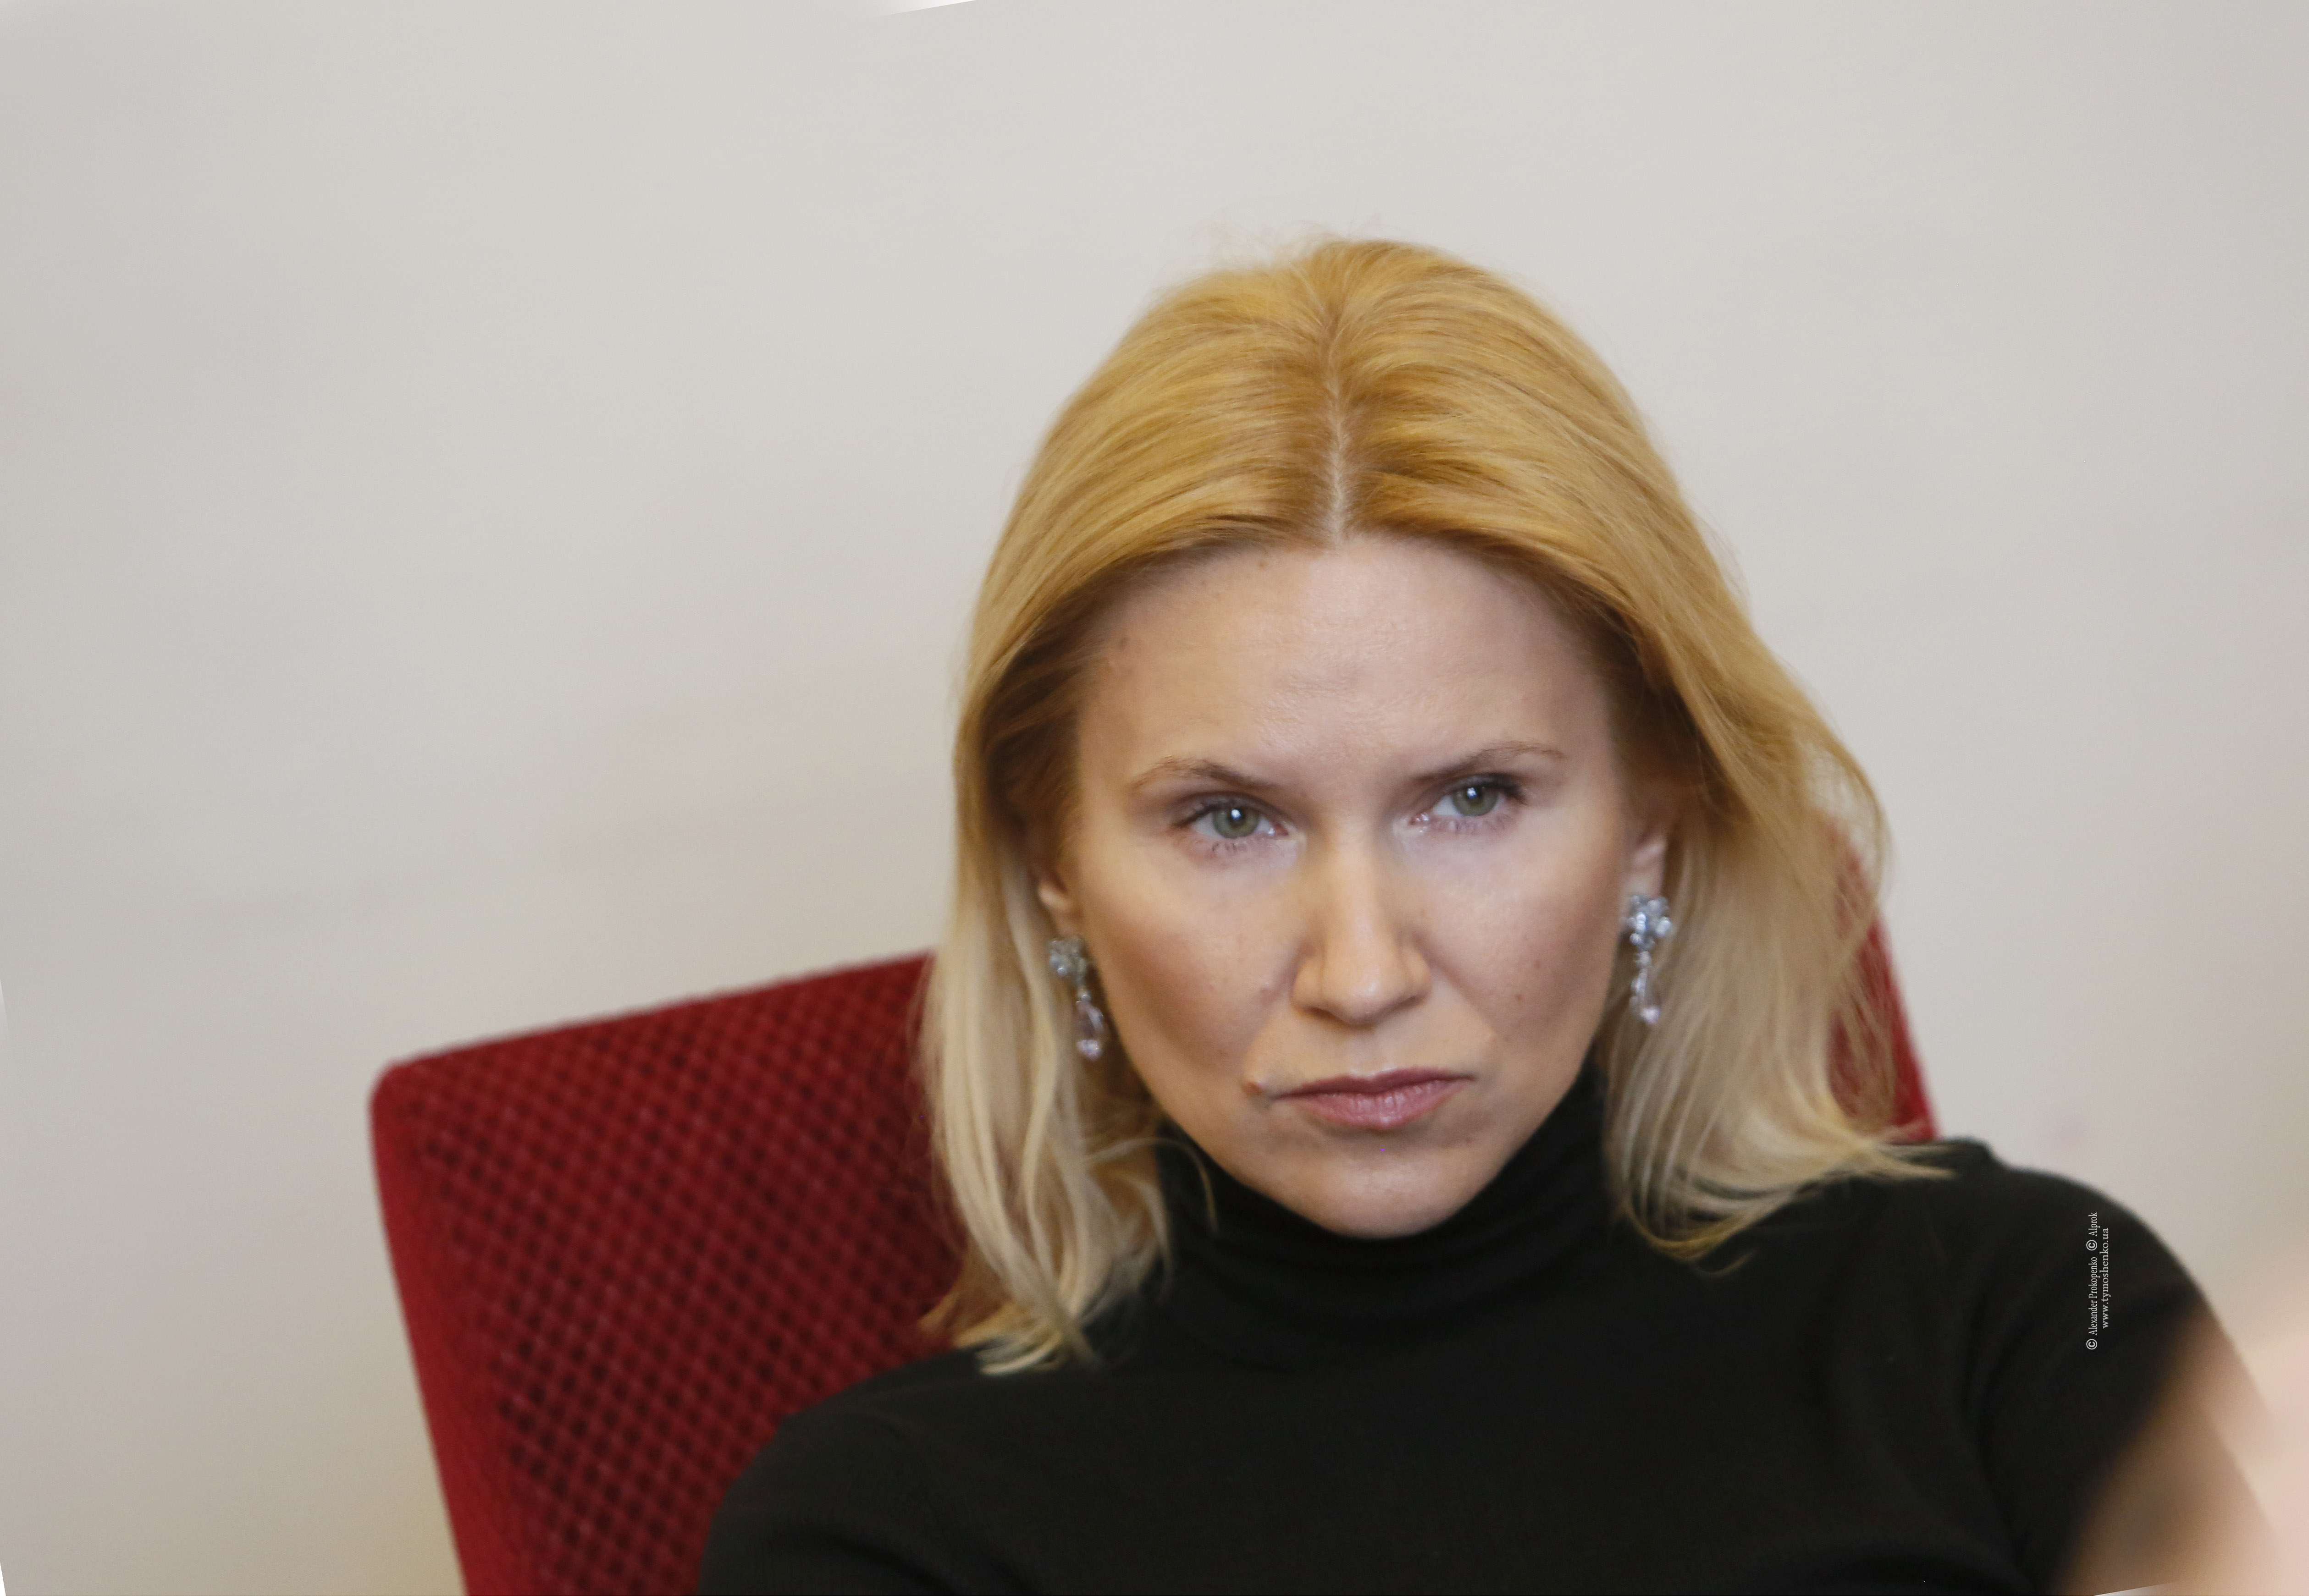 Фото депутата украины кондратюк